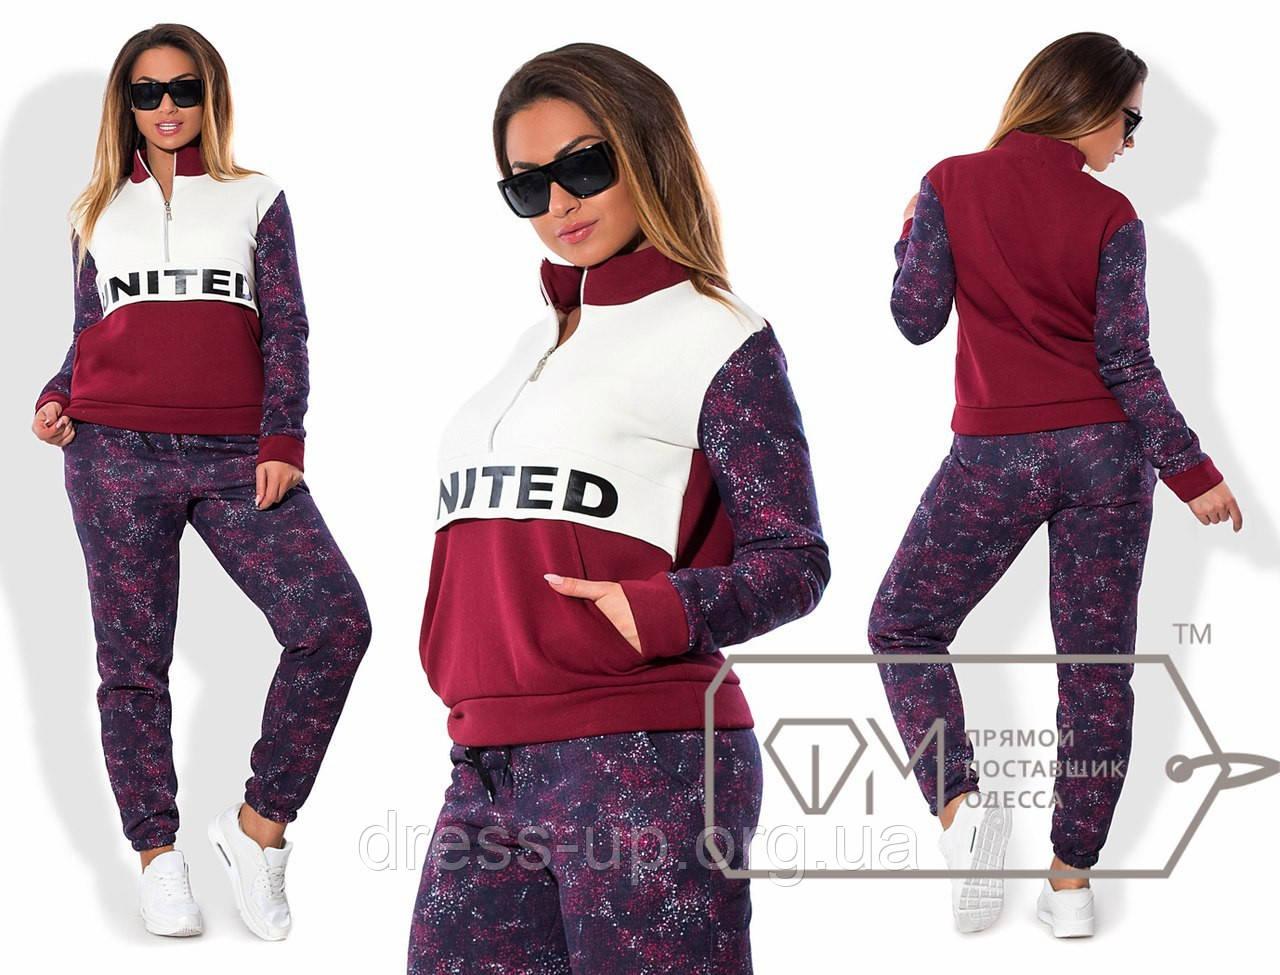 Спортивный костюм женский сиреневый ДВ/-054 - Dress Up*-интернет магазин женской одежды в Одессе